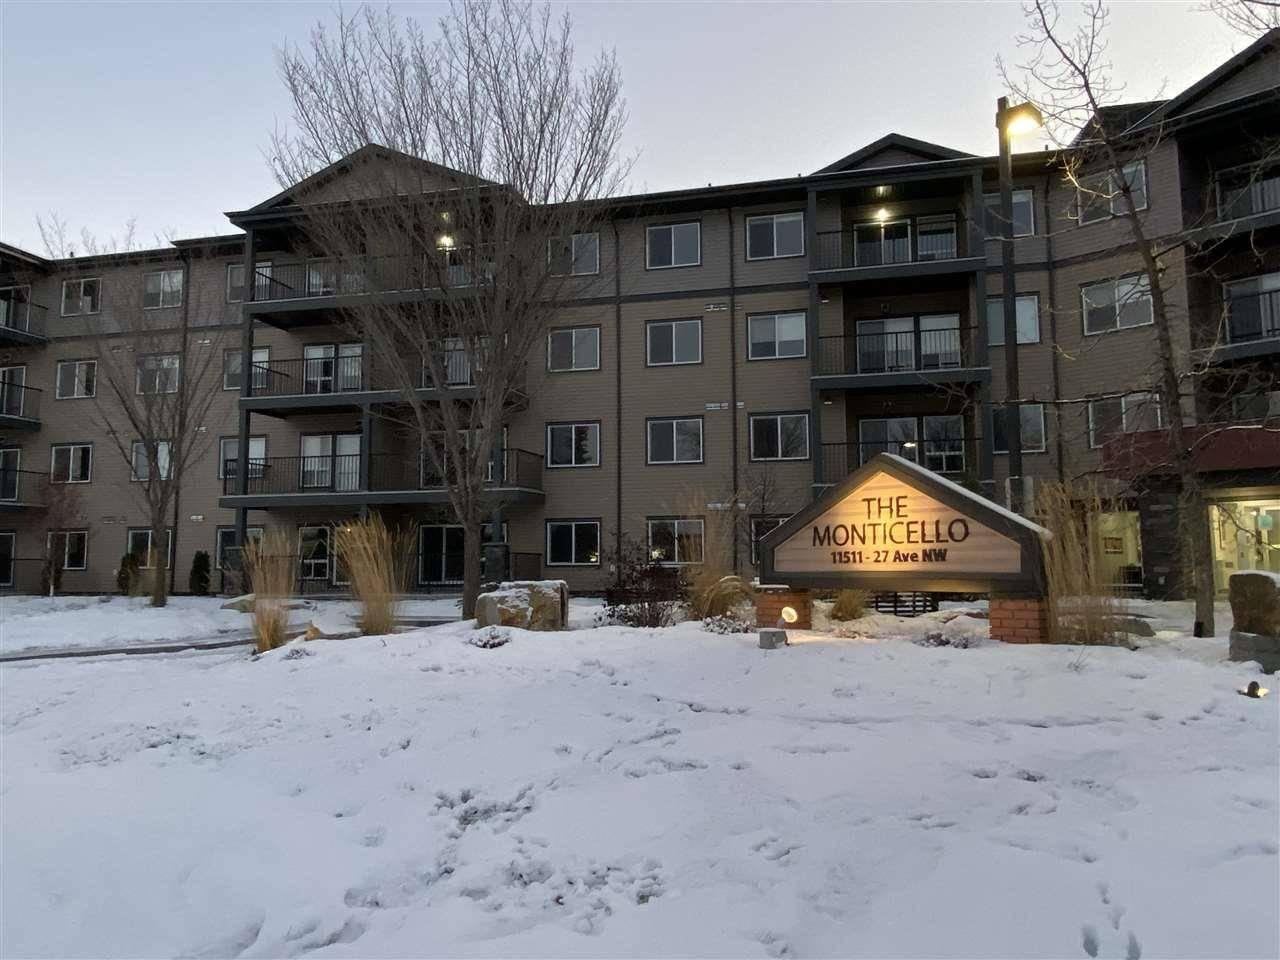 Condo for sale at 11511 27 Ave Nw Unit 402 Edmonton Alberta - MLS: E4181028